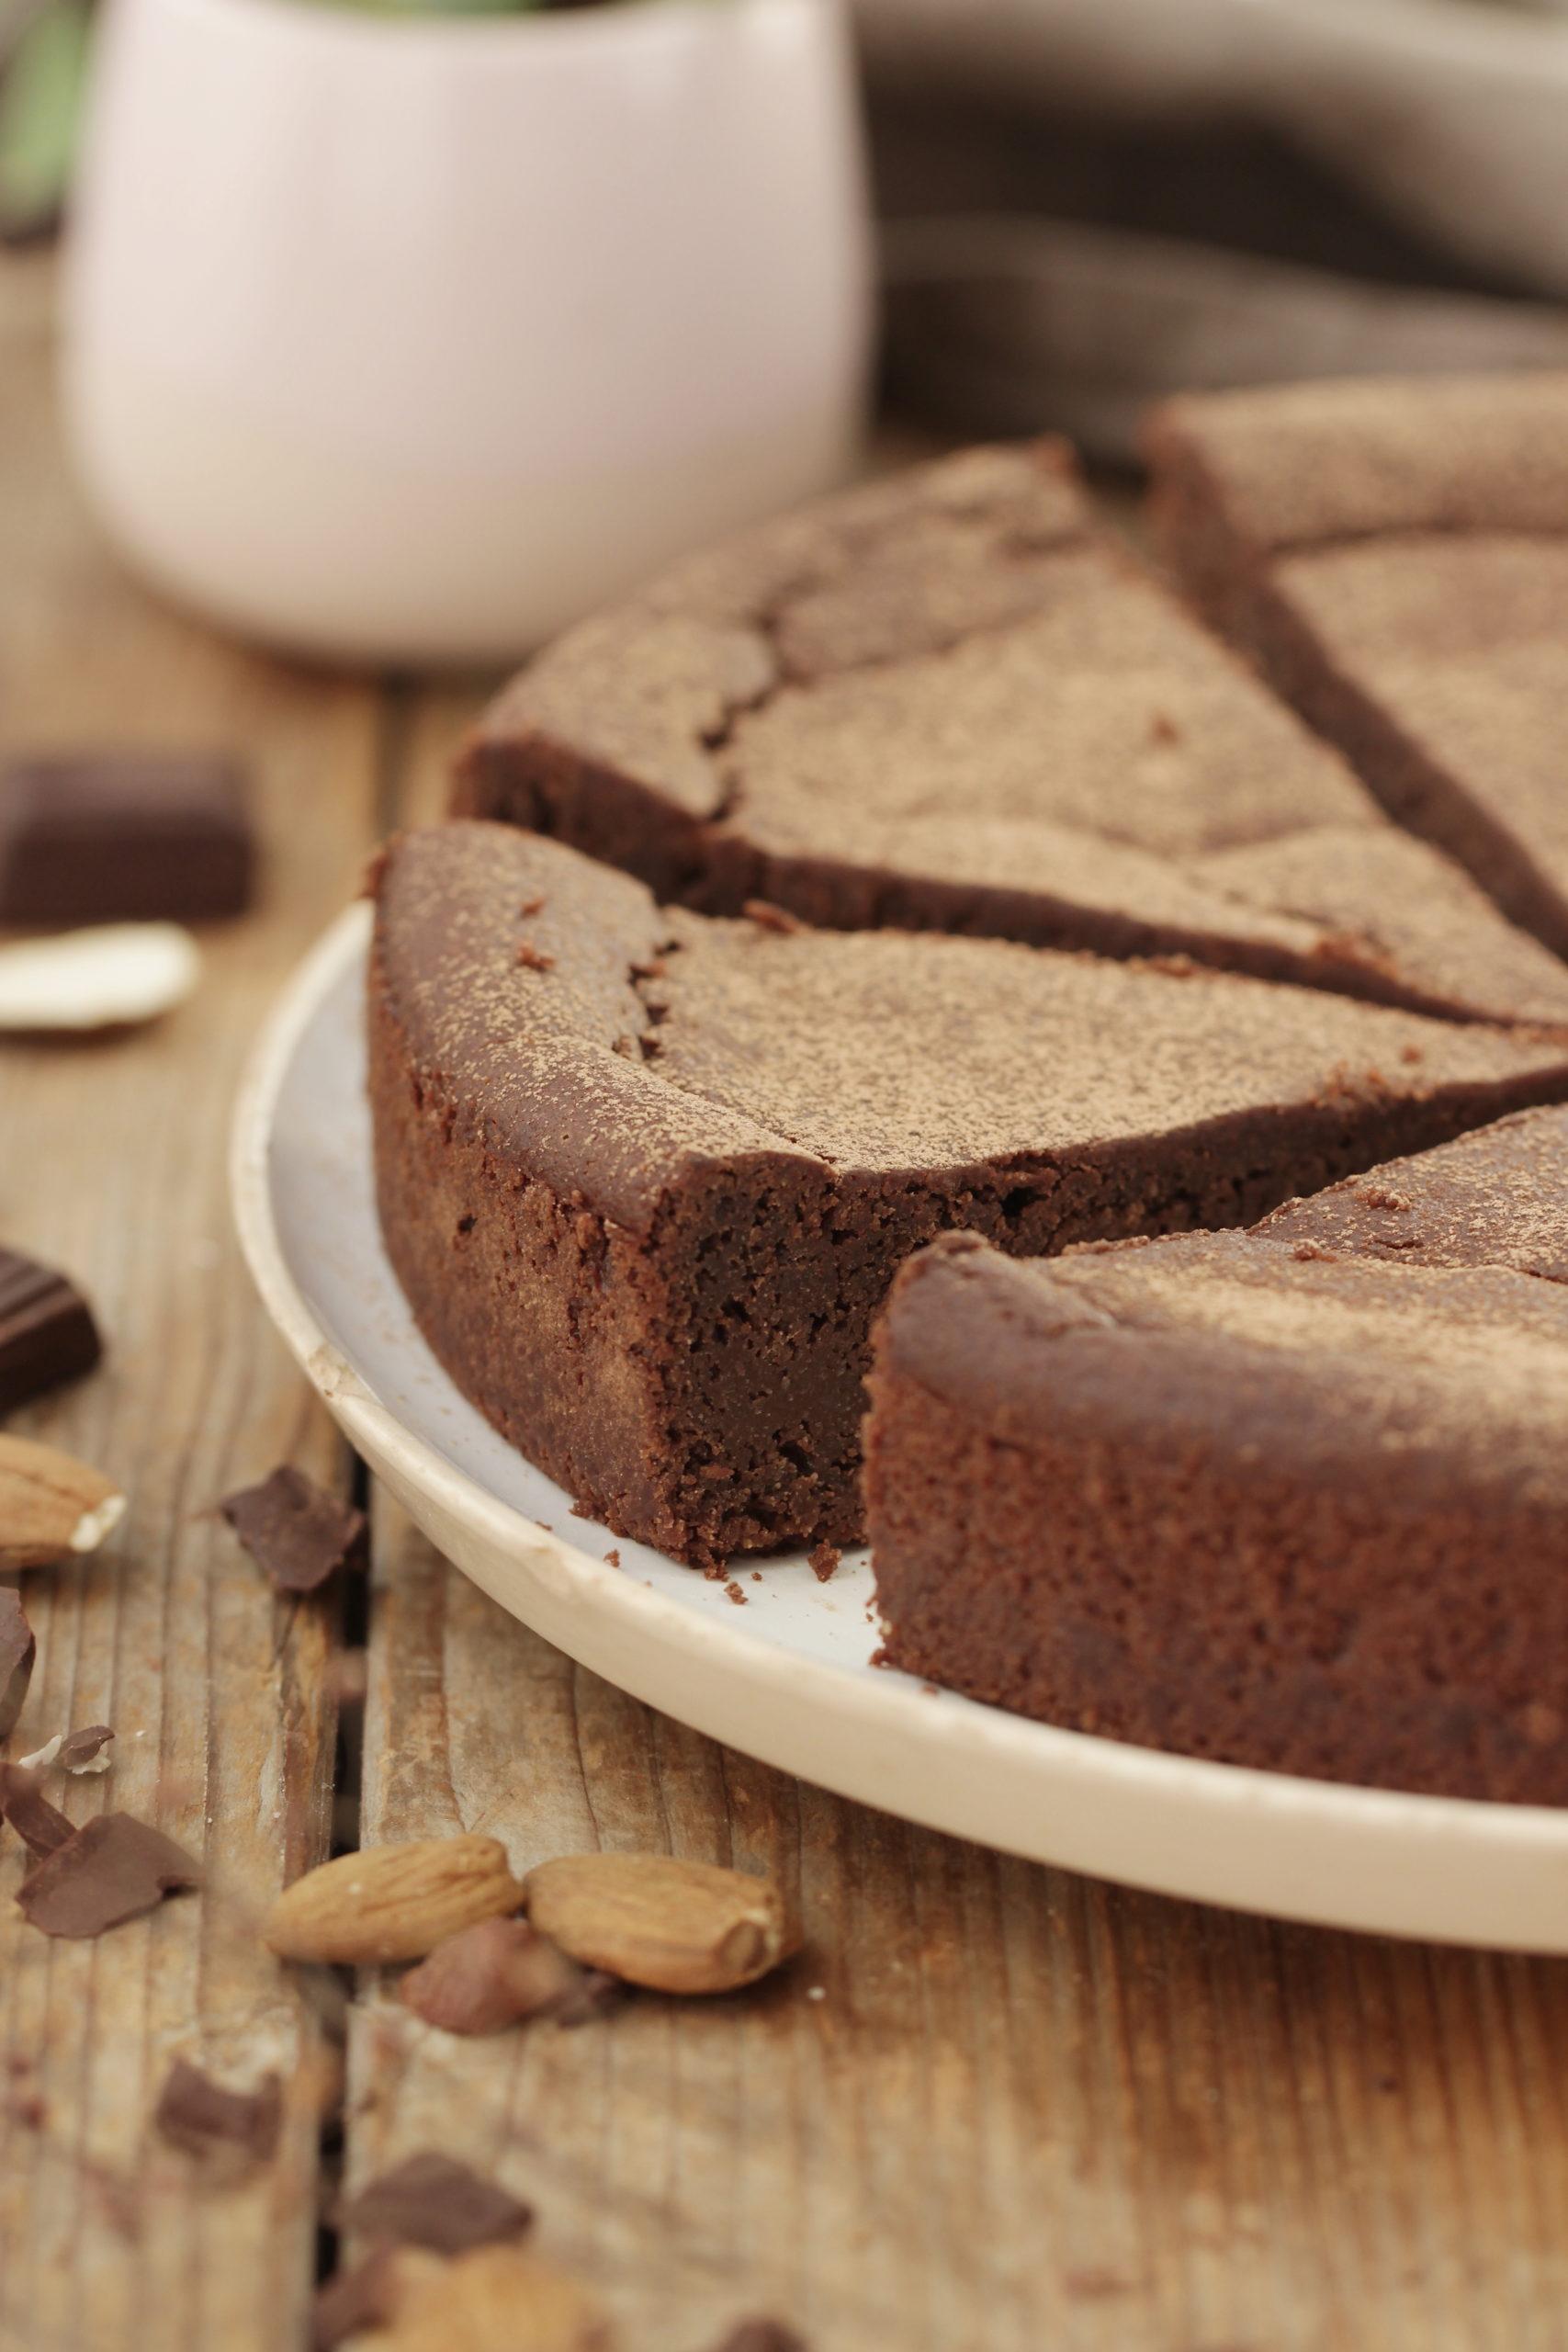 Fondant chocolat et amande (vegan, sans gluten, sans sucre)